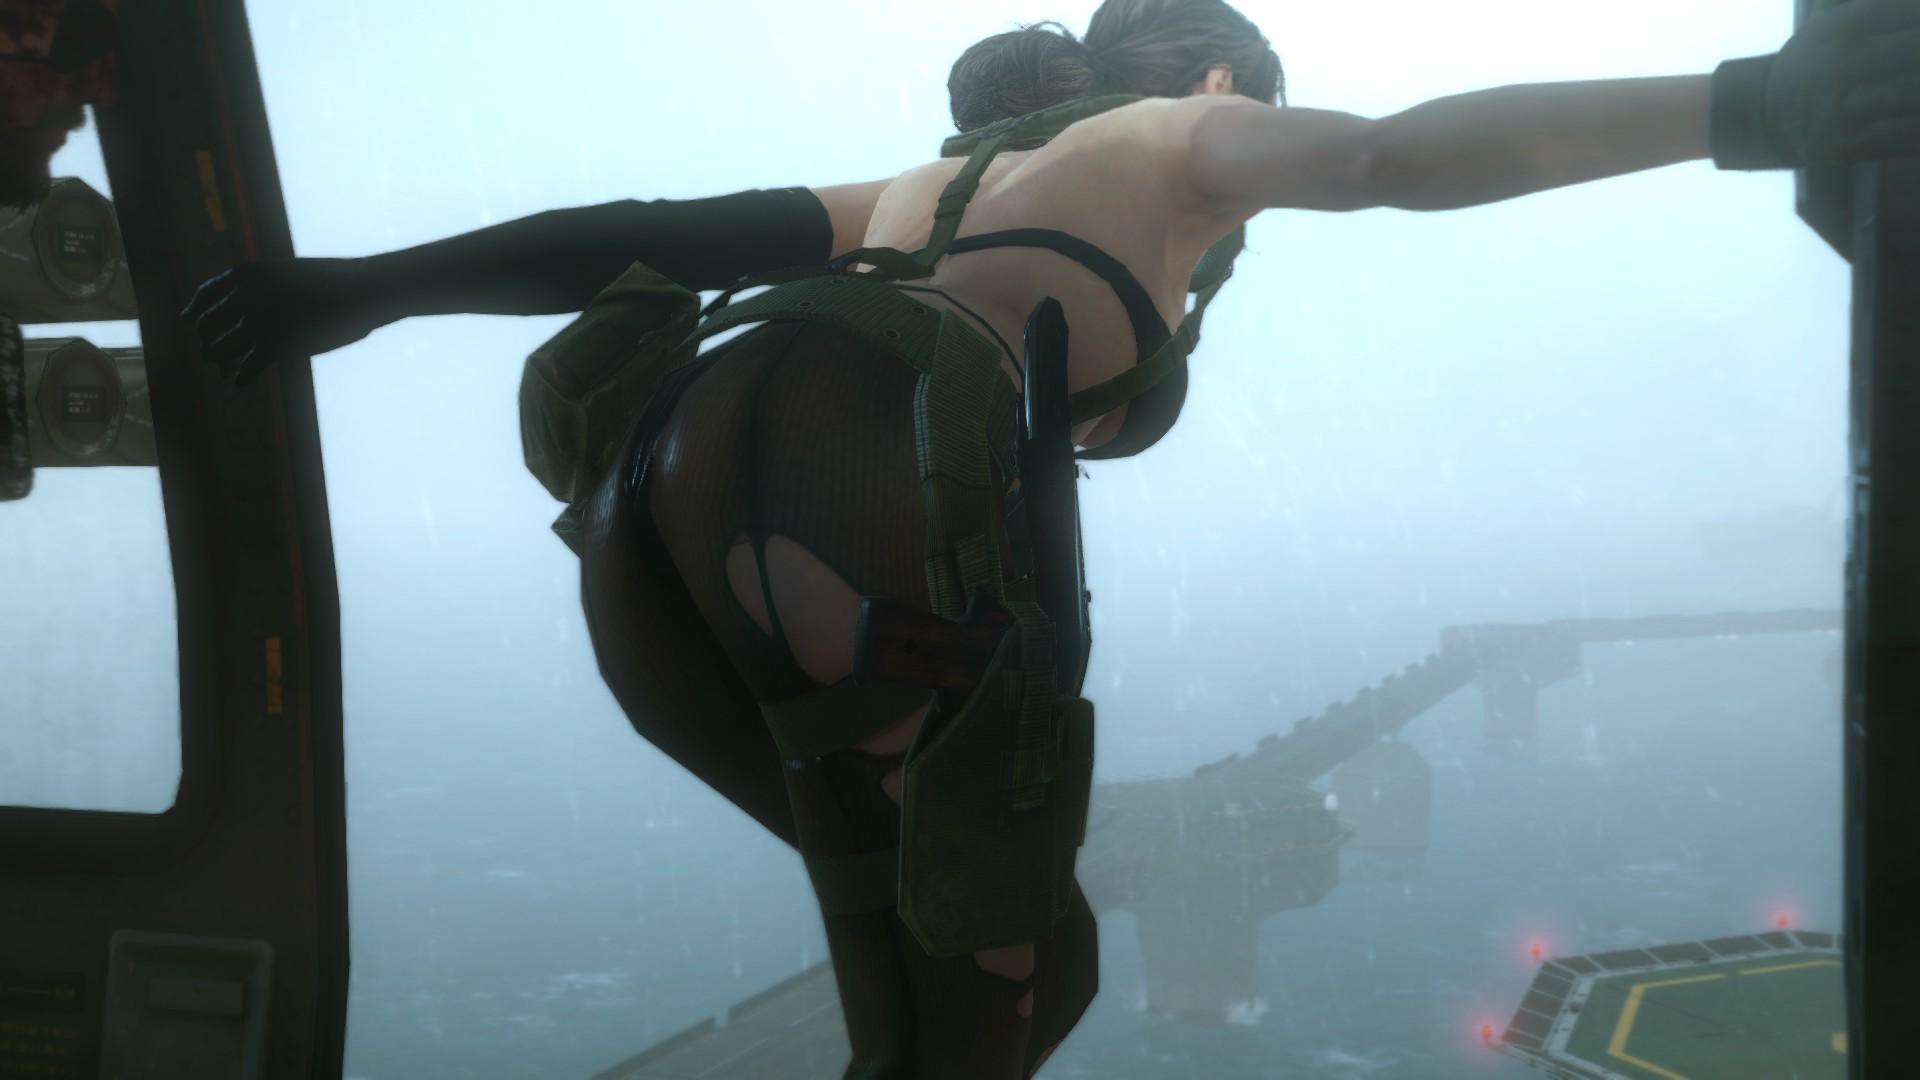 20170619191423_1.jpg - Metal Gear Solid 5: The Phantom Pain